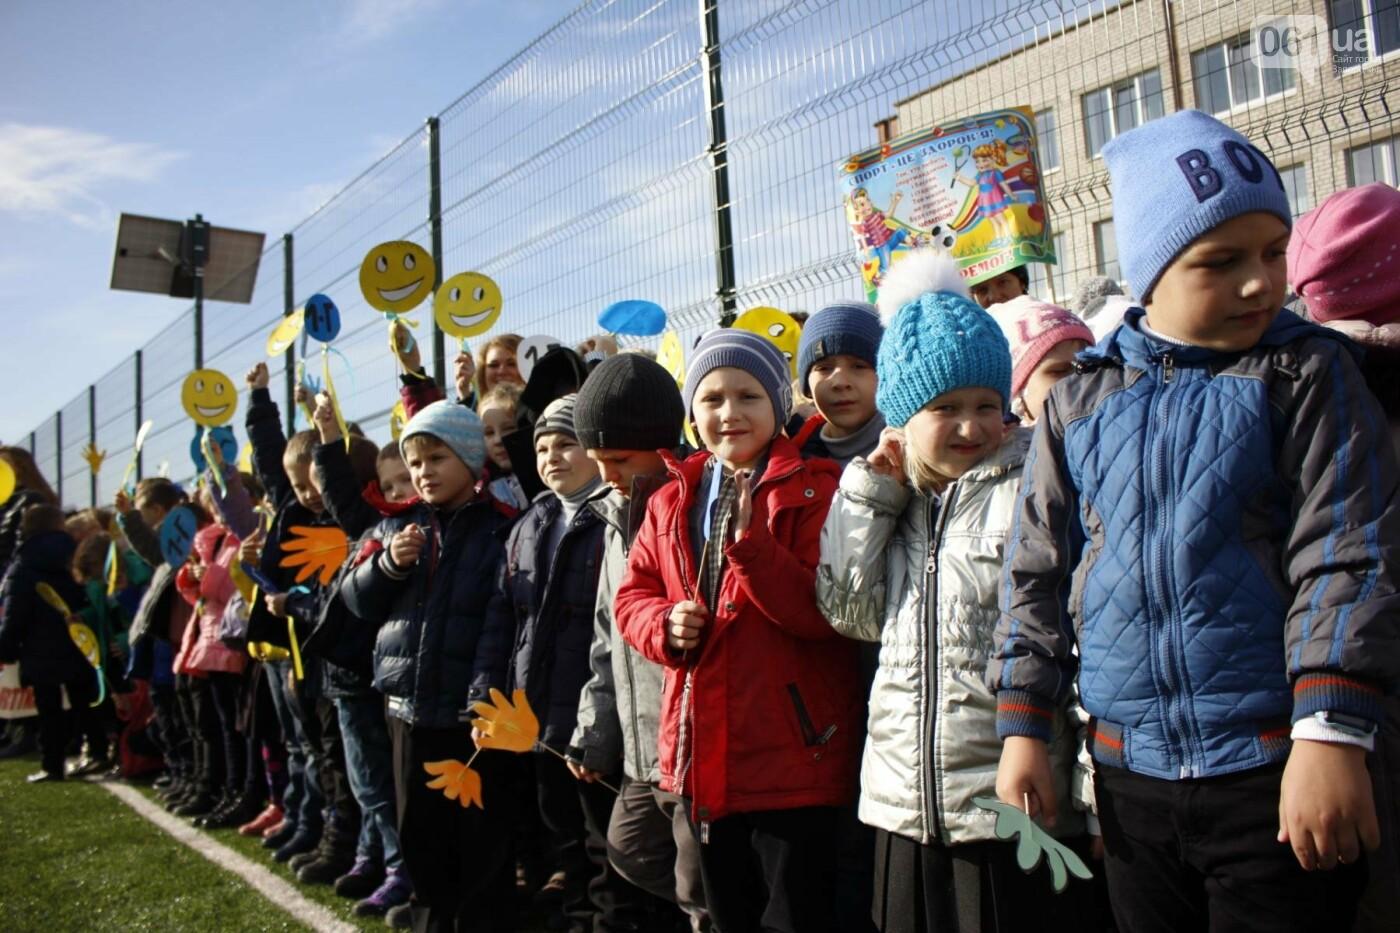 В Бородинском микрорайоне открыли школьный стадион: как это выглядит, - ФОТОРЕПОРТАЖ, фото-6